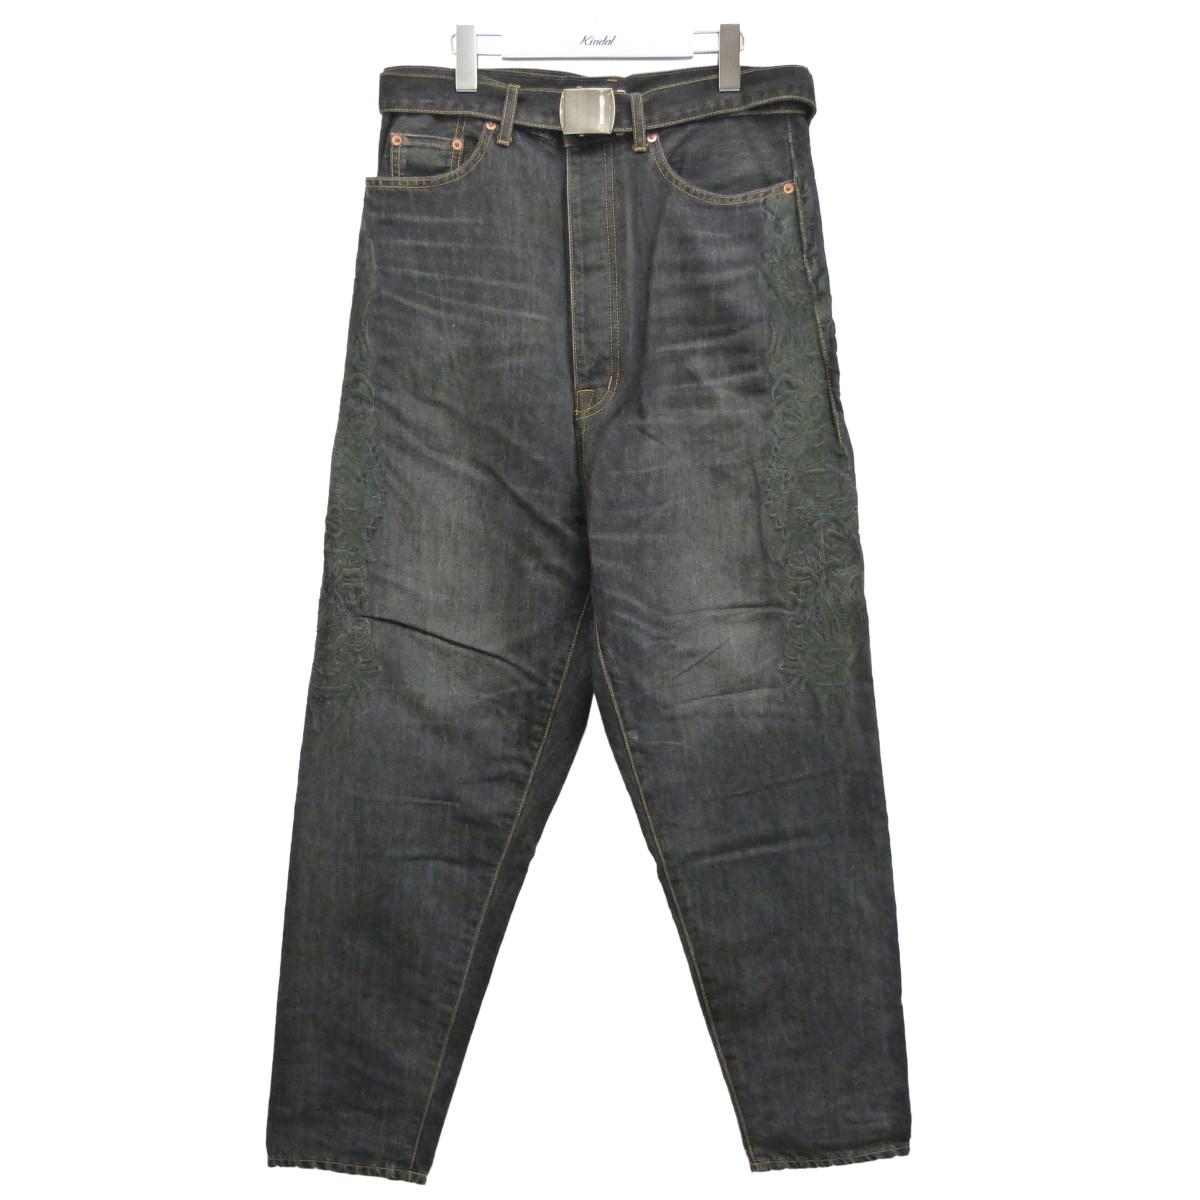 【中古】doublet 20SS「CHAOS EMBROIDERY HEMP DENIM PANTS」ベルト付デニムパンツ ブラック サイズ:S 【180720】(ダブレット)